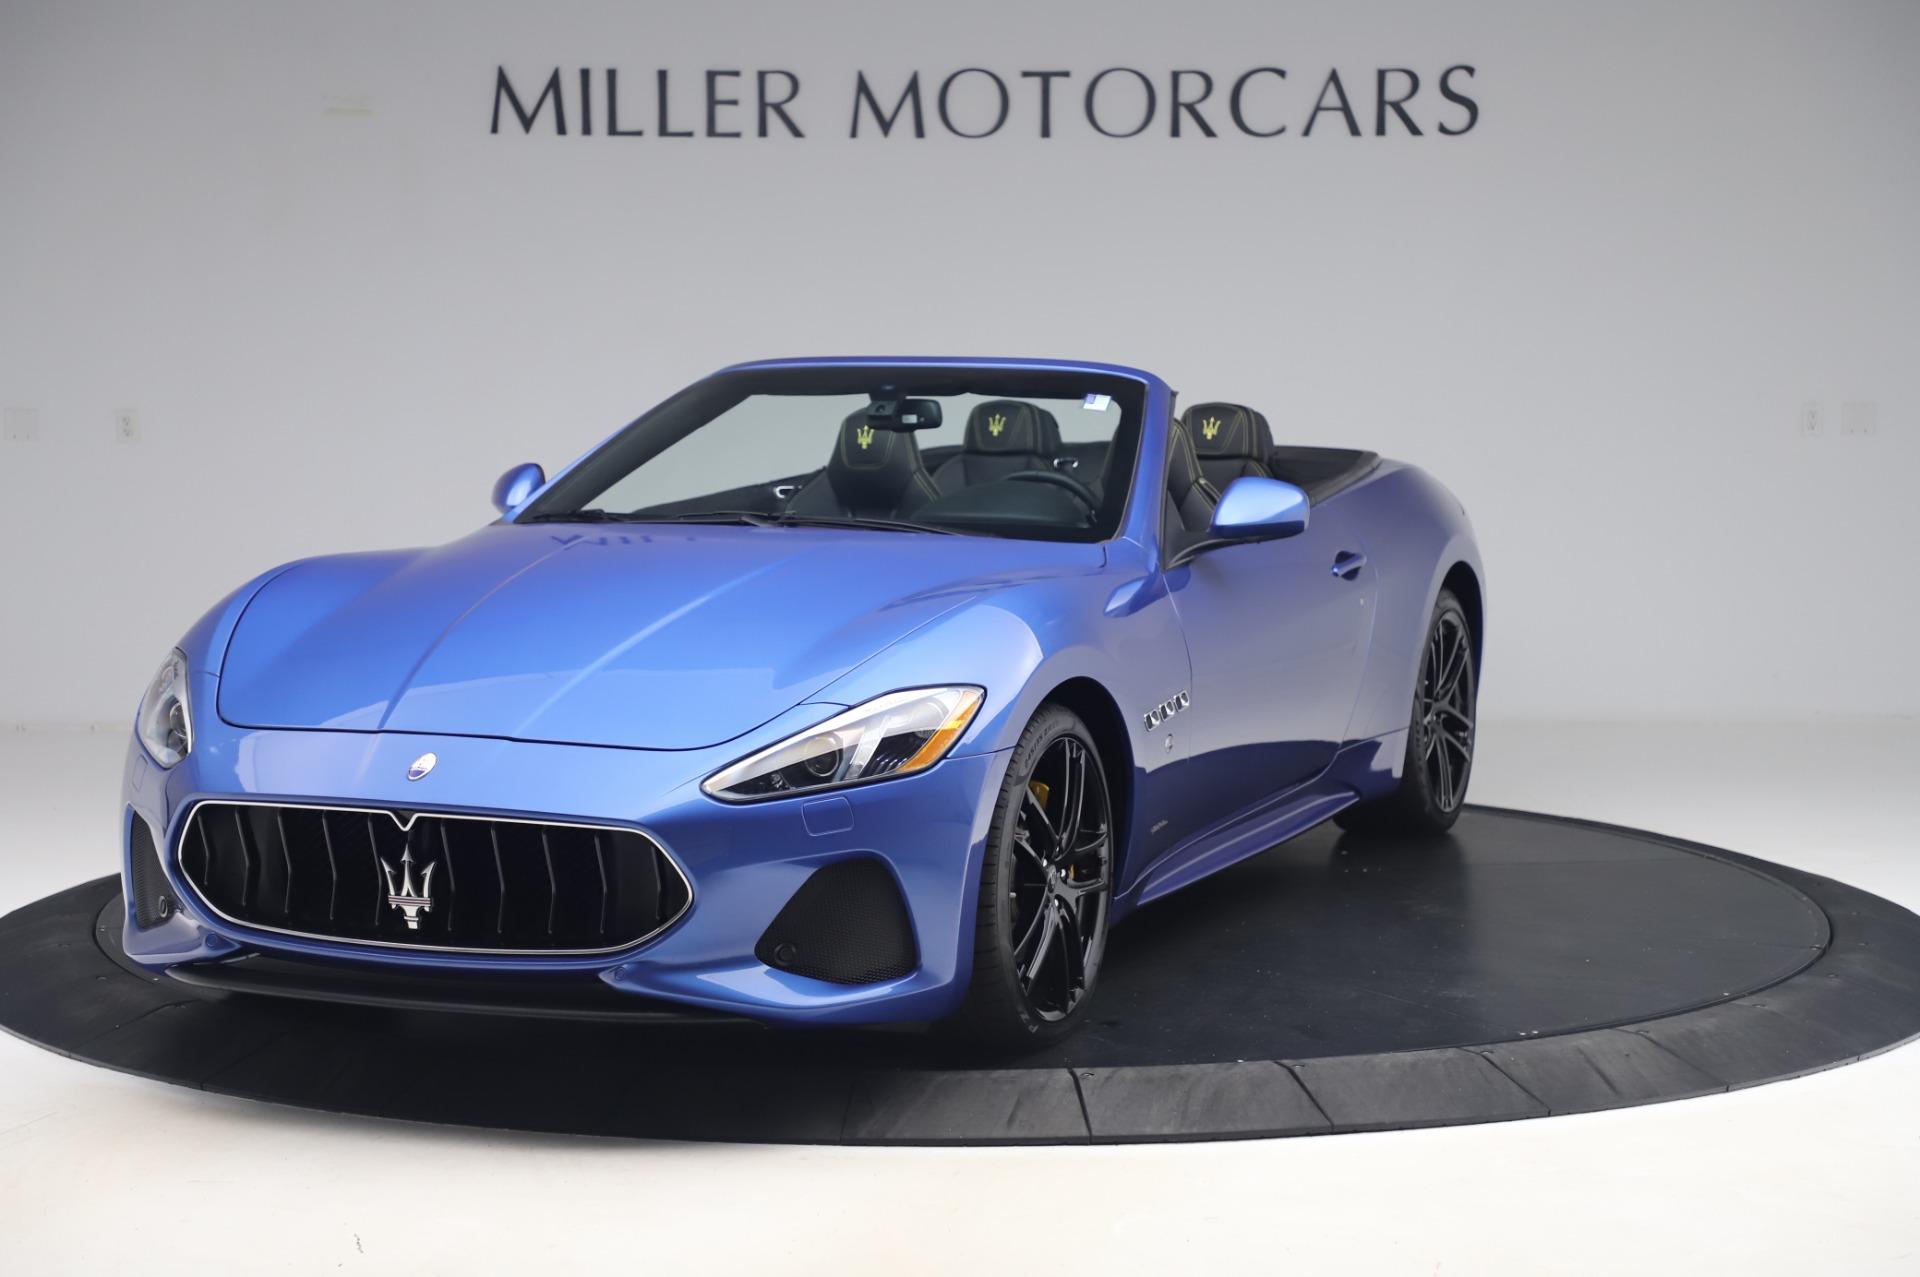 New 2019 Maserati GranTurismo Sport for sale Sold at Pagani of Greenwich in Greenwich CT 06830 1